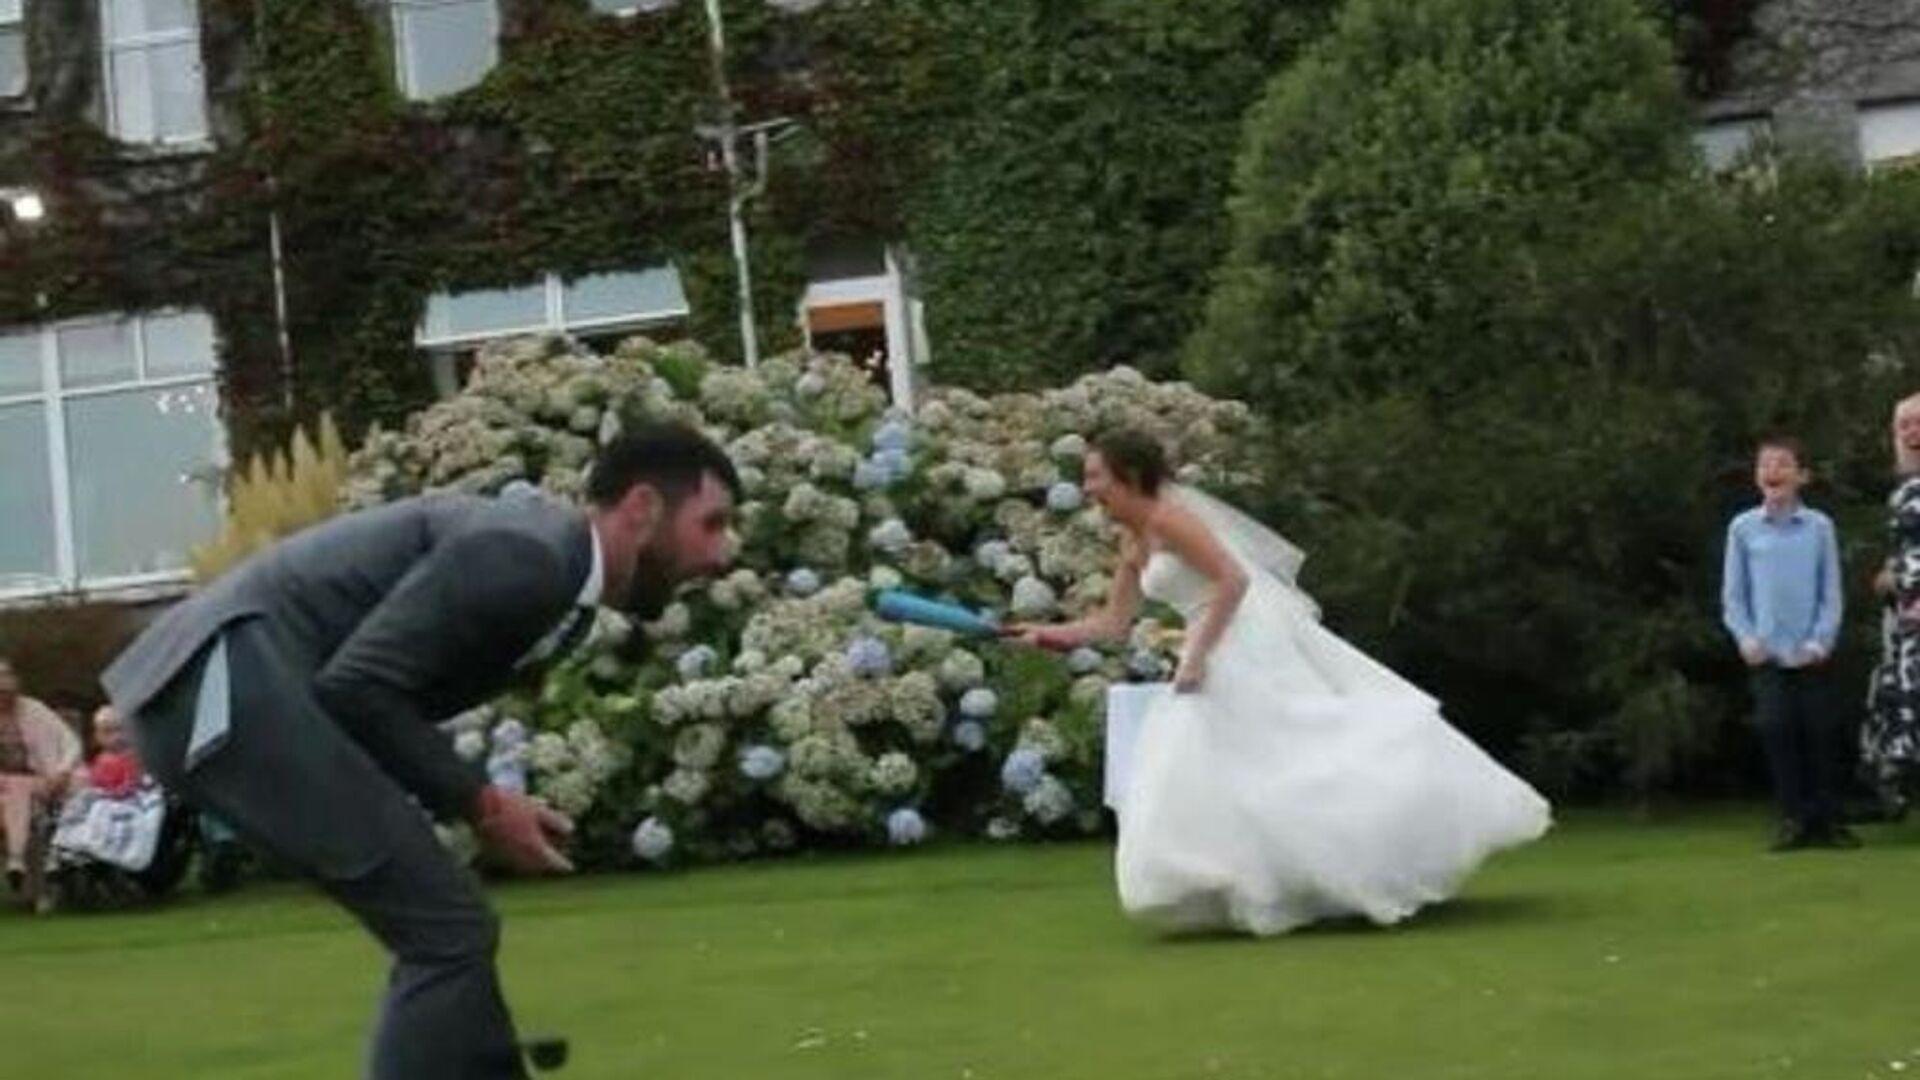 Η επώδυνη στιγμή που νύφη χτυπά τον γαμπρό στο ευαίσθητο σημείο - Sputnik Ελλάδα, 1920, 13.10.2021